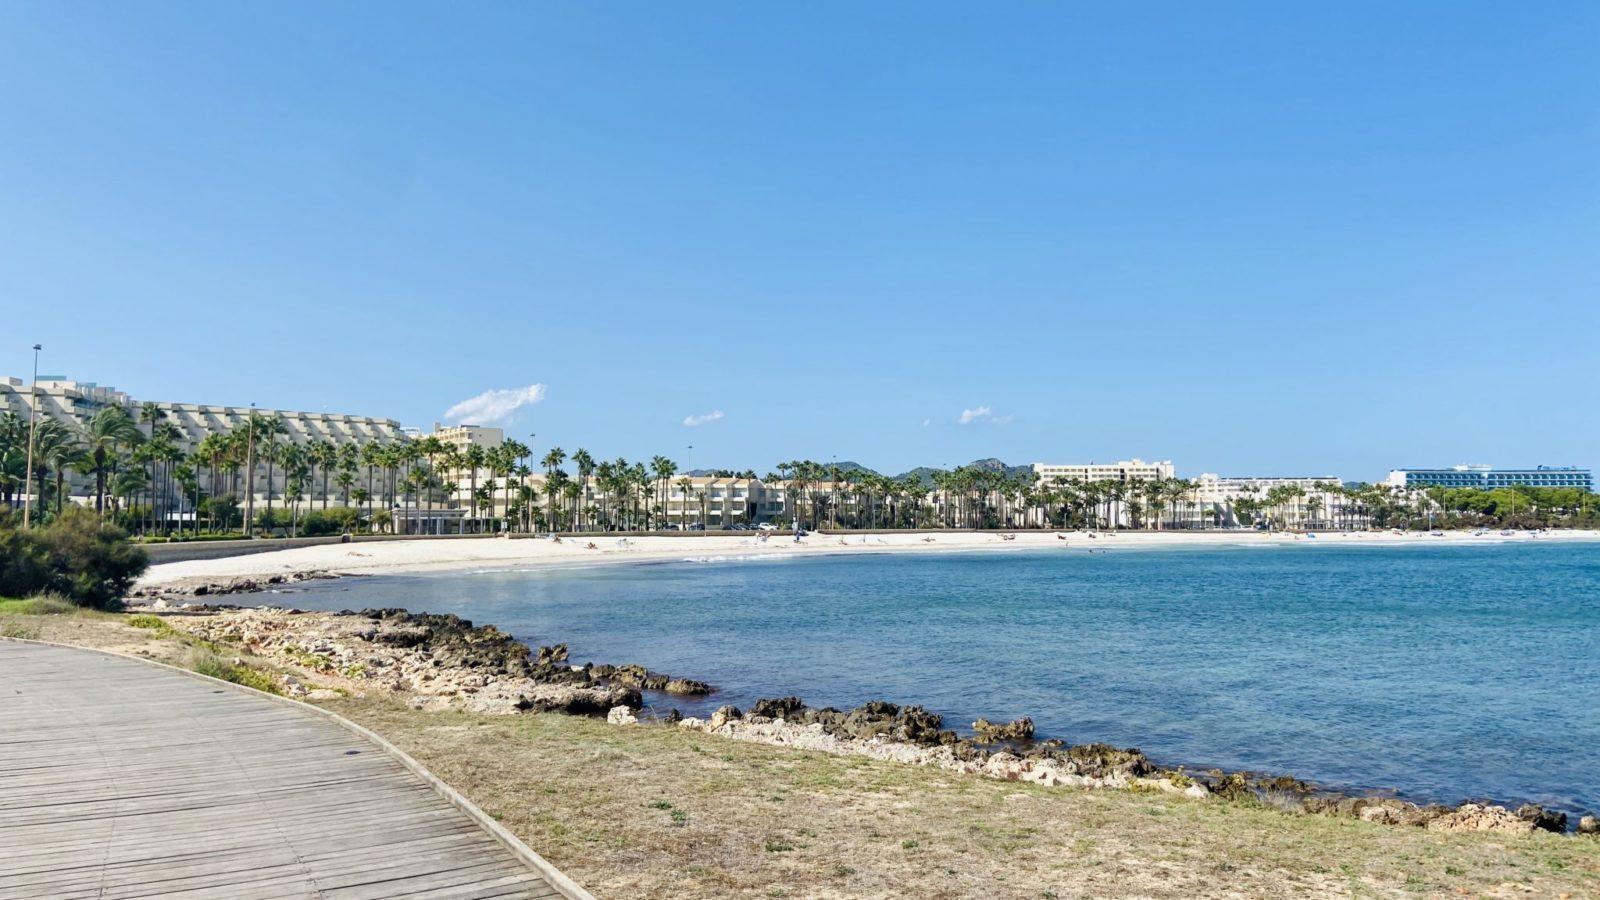 Sa Coma Blick auf den Strand